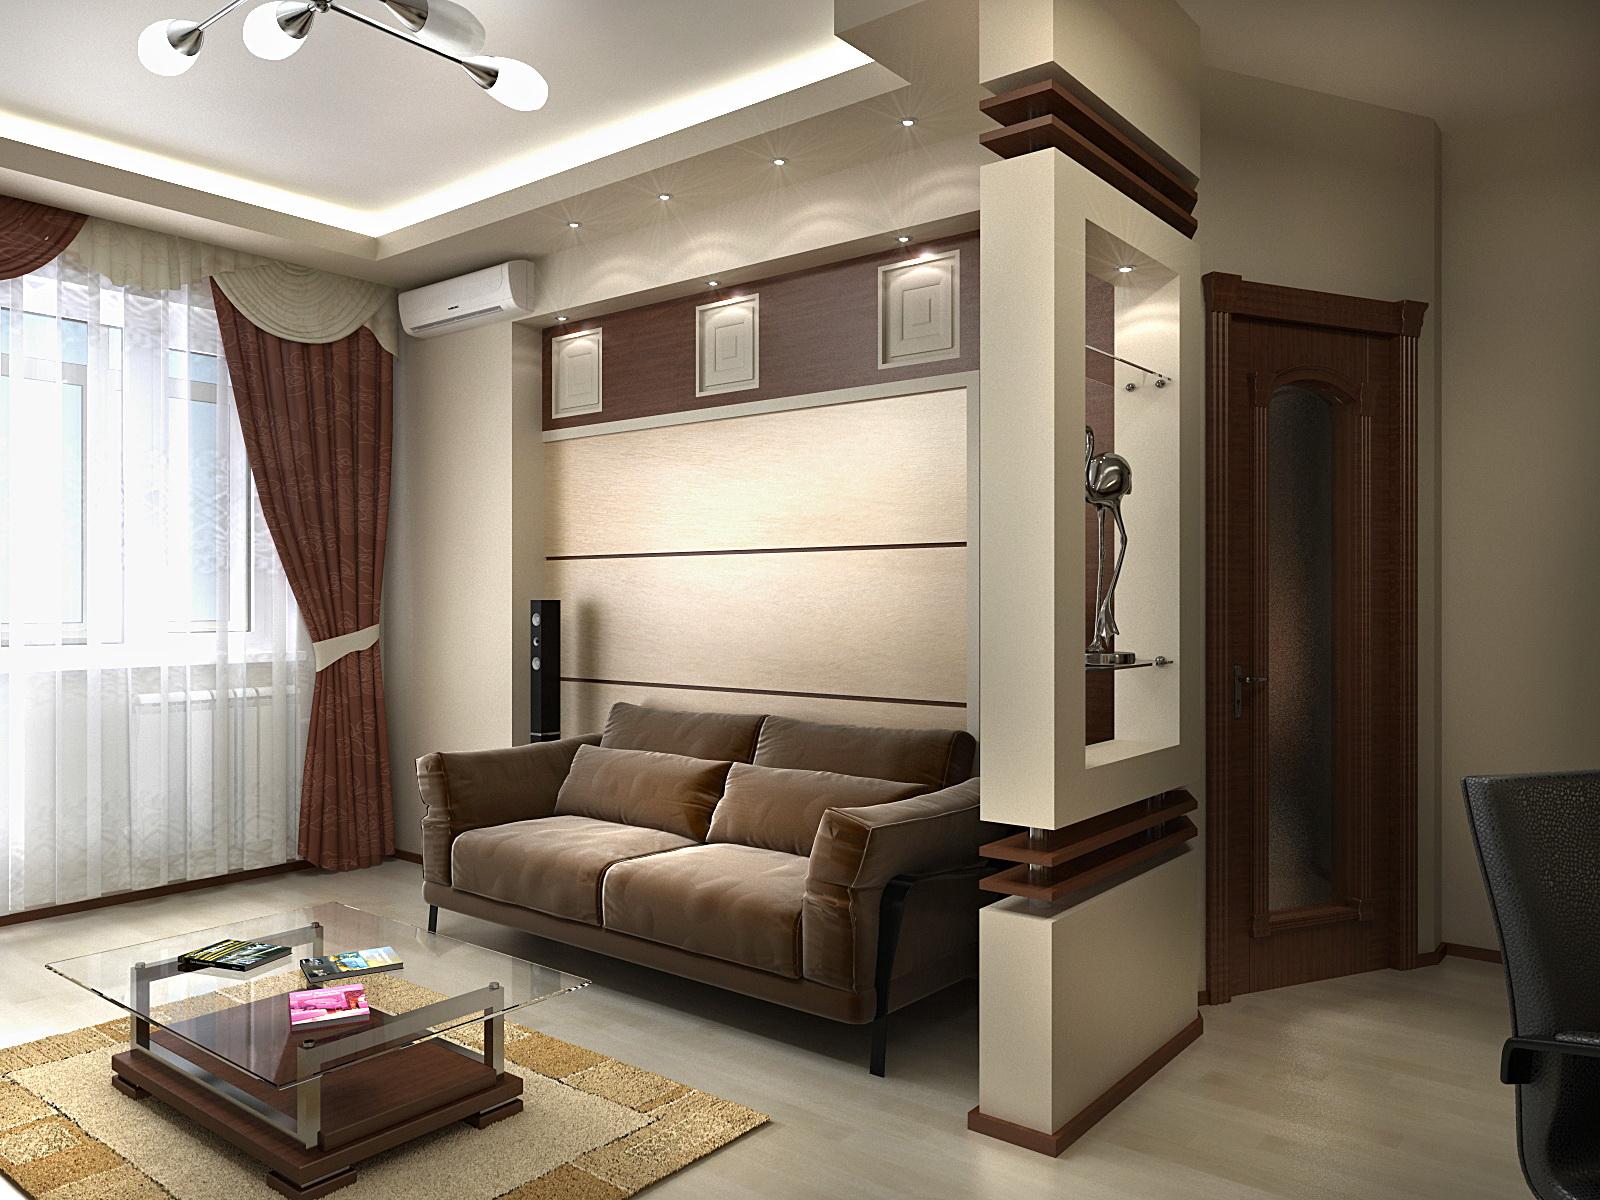 Дизайн квартир и интерьеров